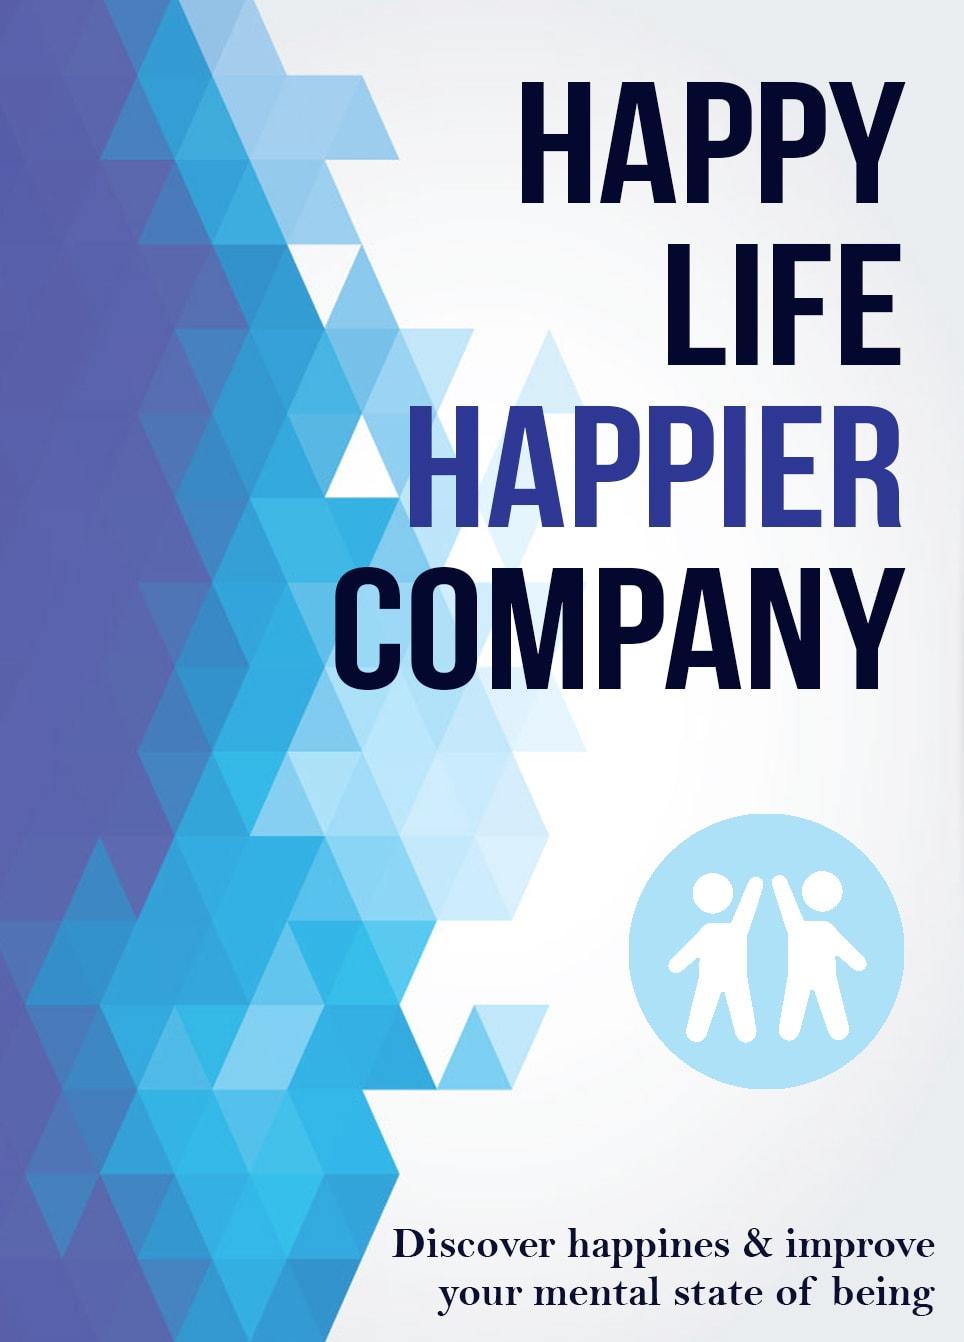 Happy life happier company